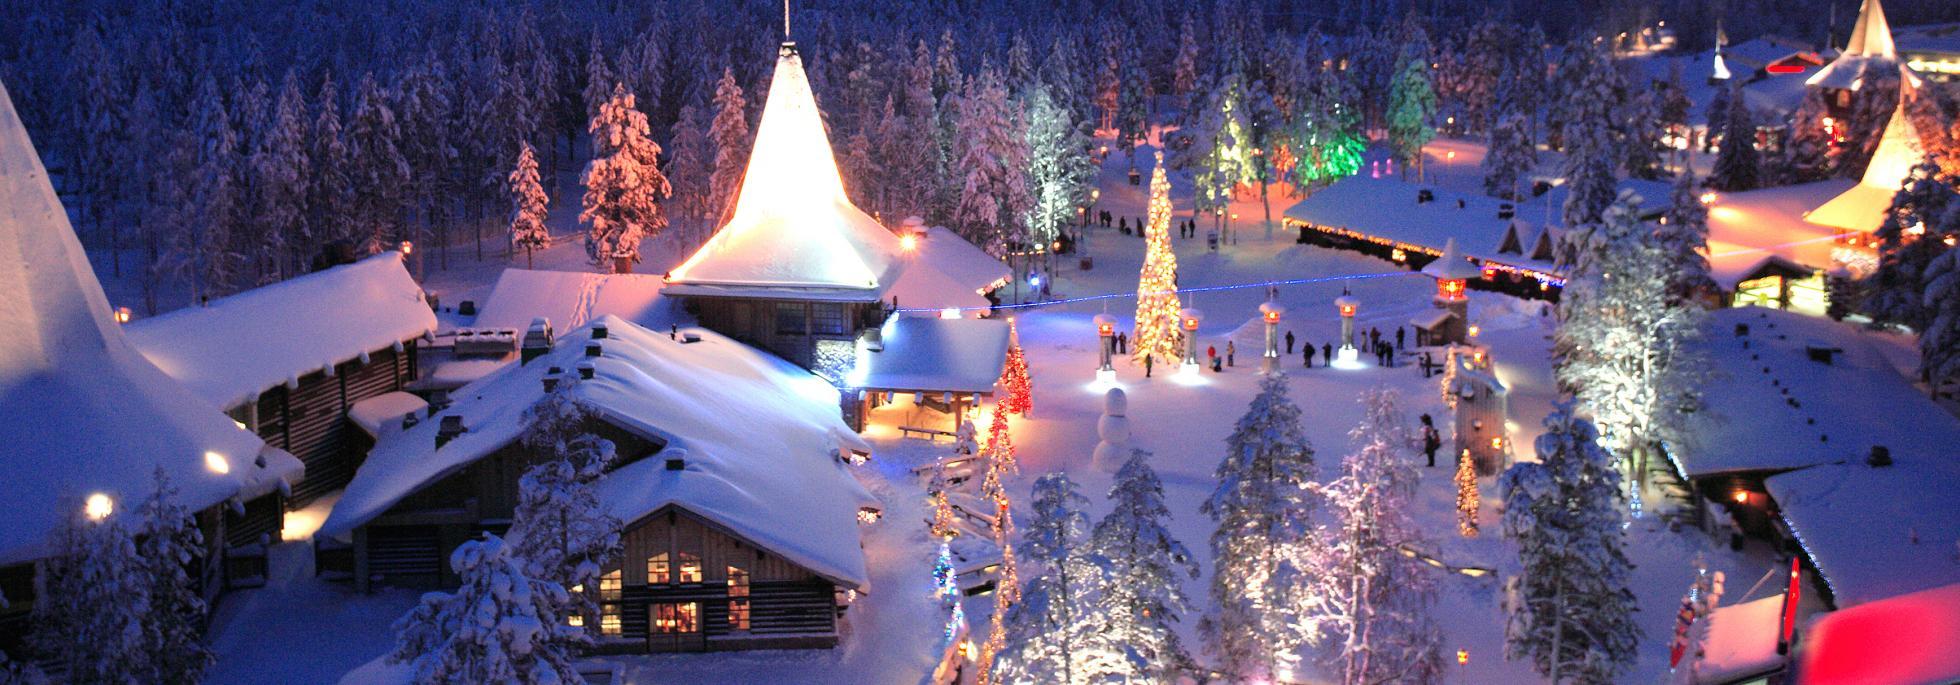 Visita a Santa Claus en autocaravana